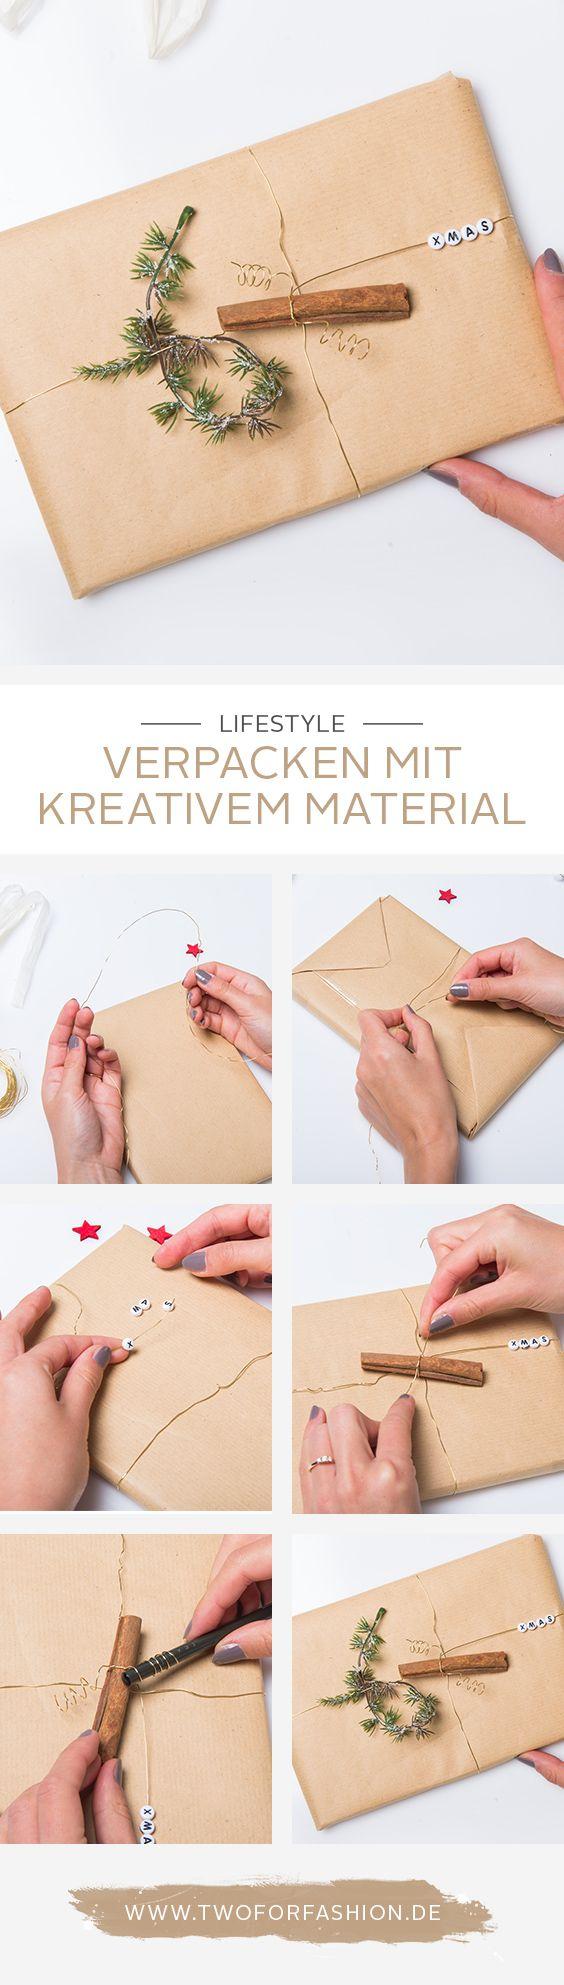 Wollt Ihr Eure Geschenke Dieses Jahr Mal Etwas Kreativer Verpacken Geschenke Verpacken Geschenke Einpacken Ideen Geschenke